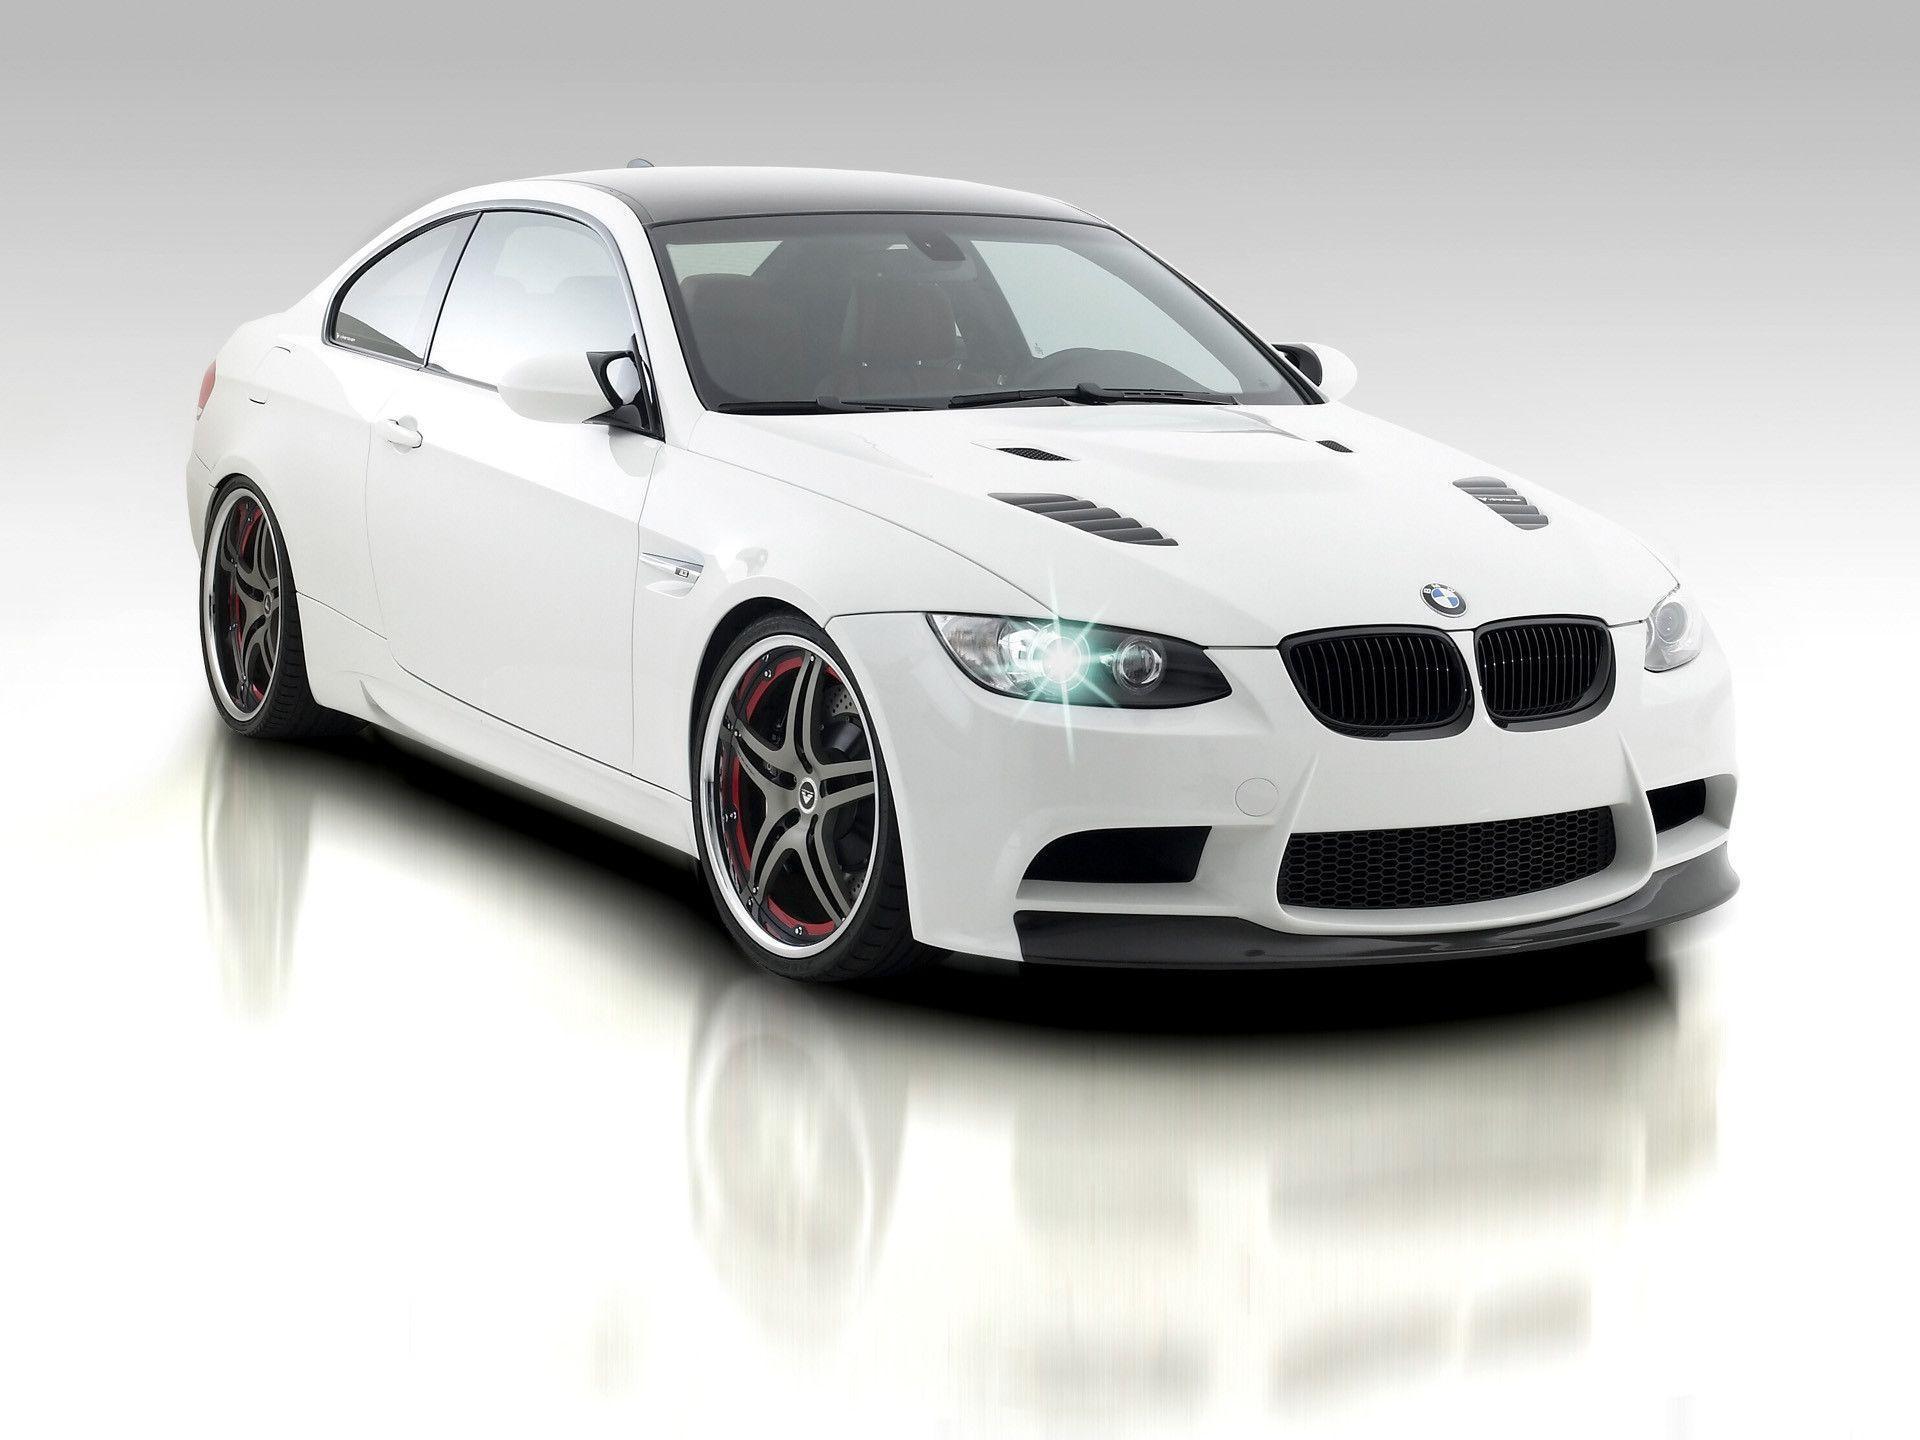 BMW M3 Wallpaper - BMW ///M Wallpaper (23762794) - Fanpop